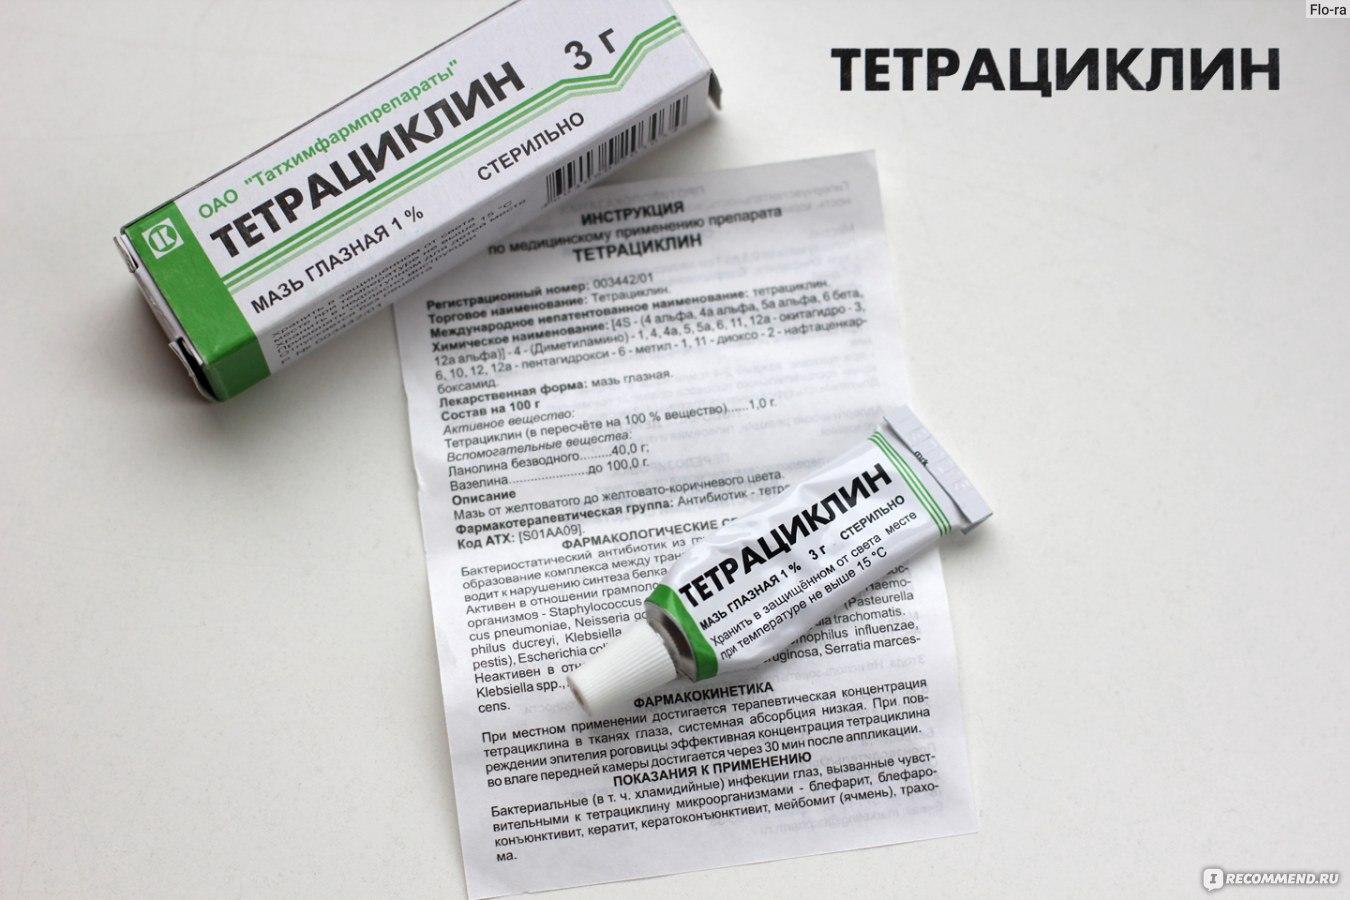 сколько дней пить тетрациклин при простатите